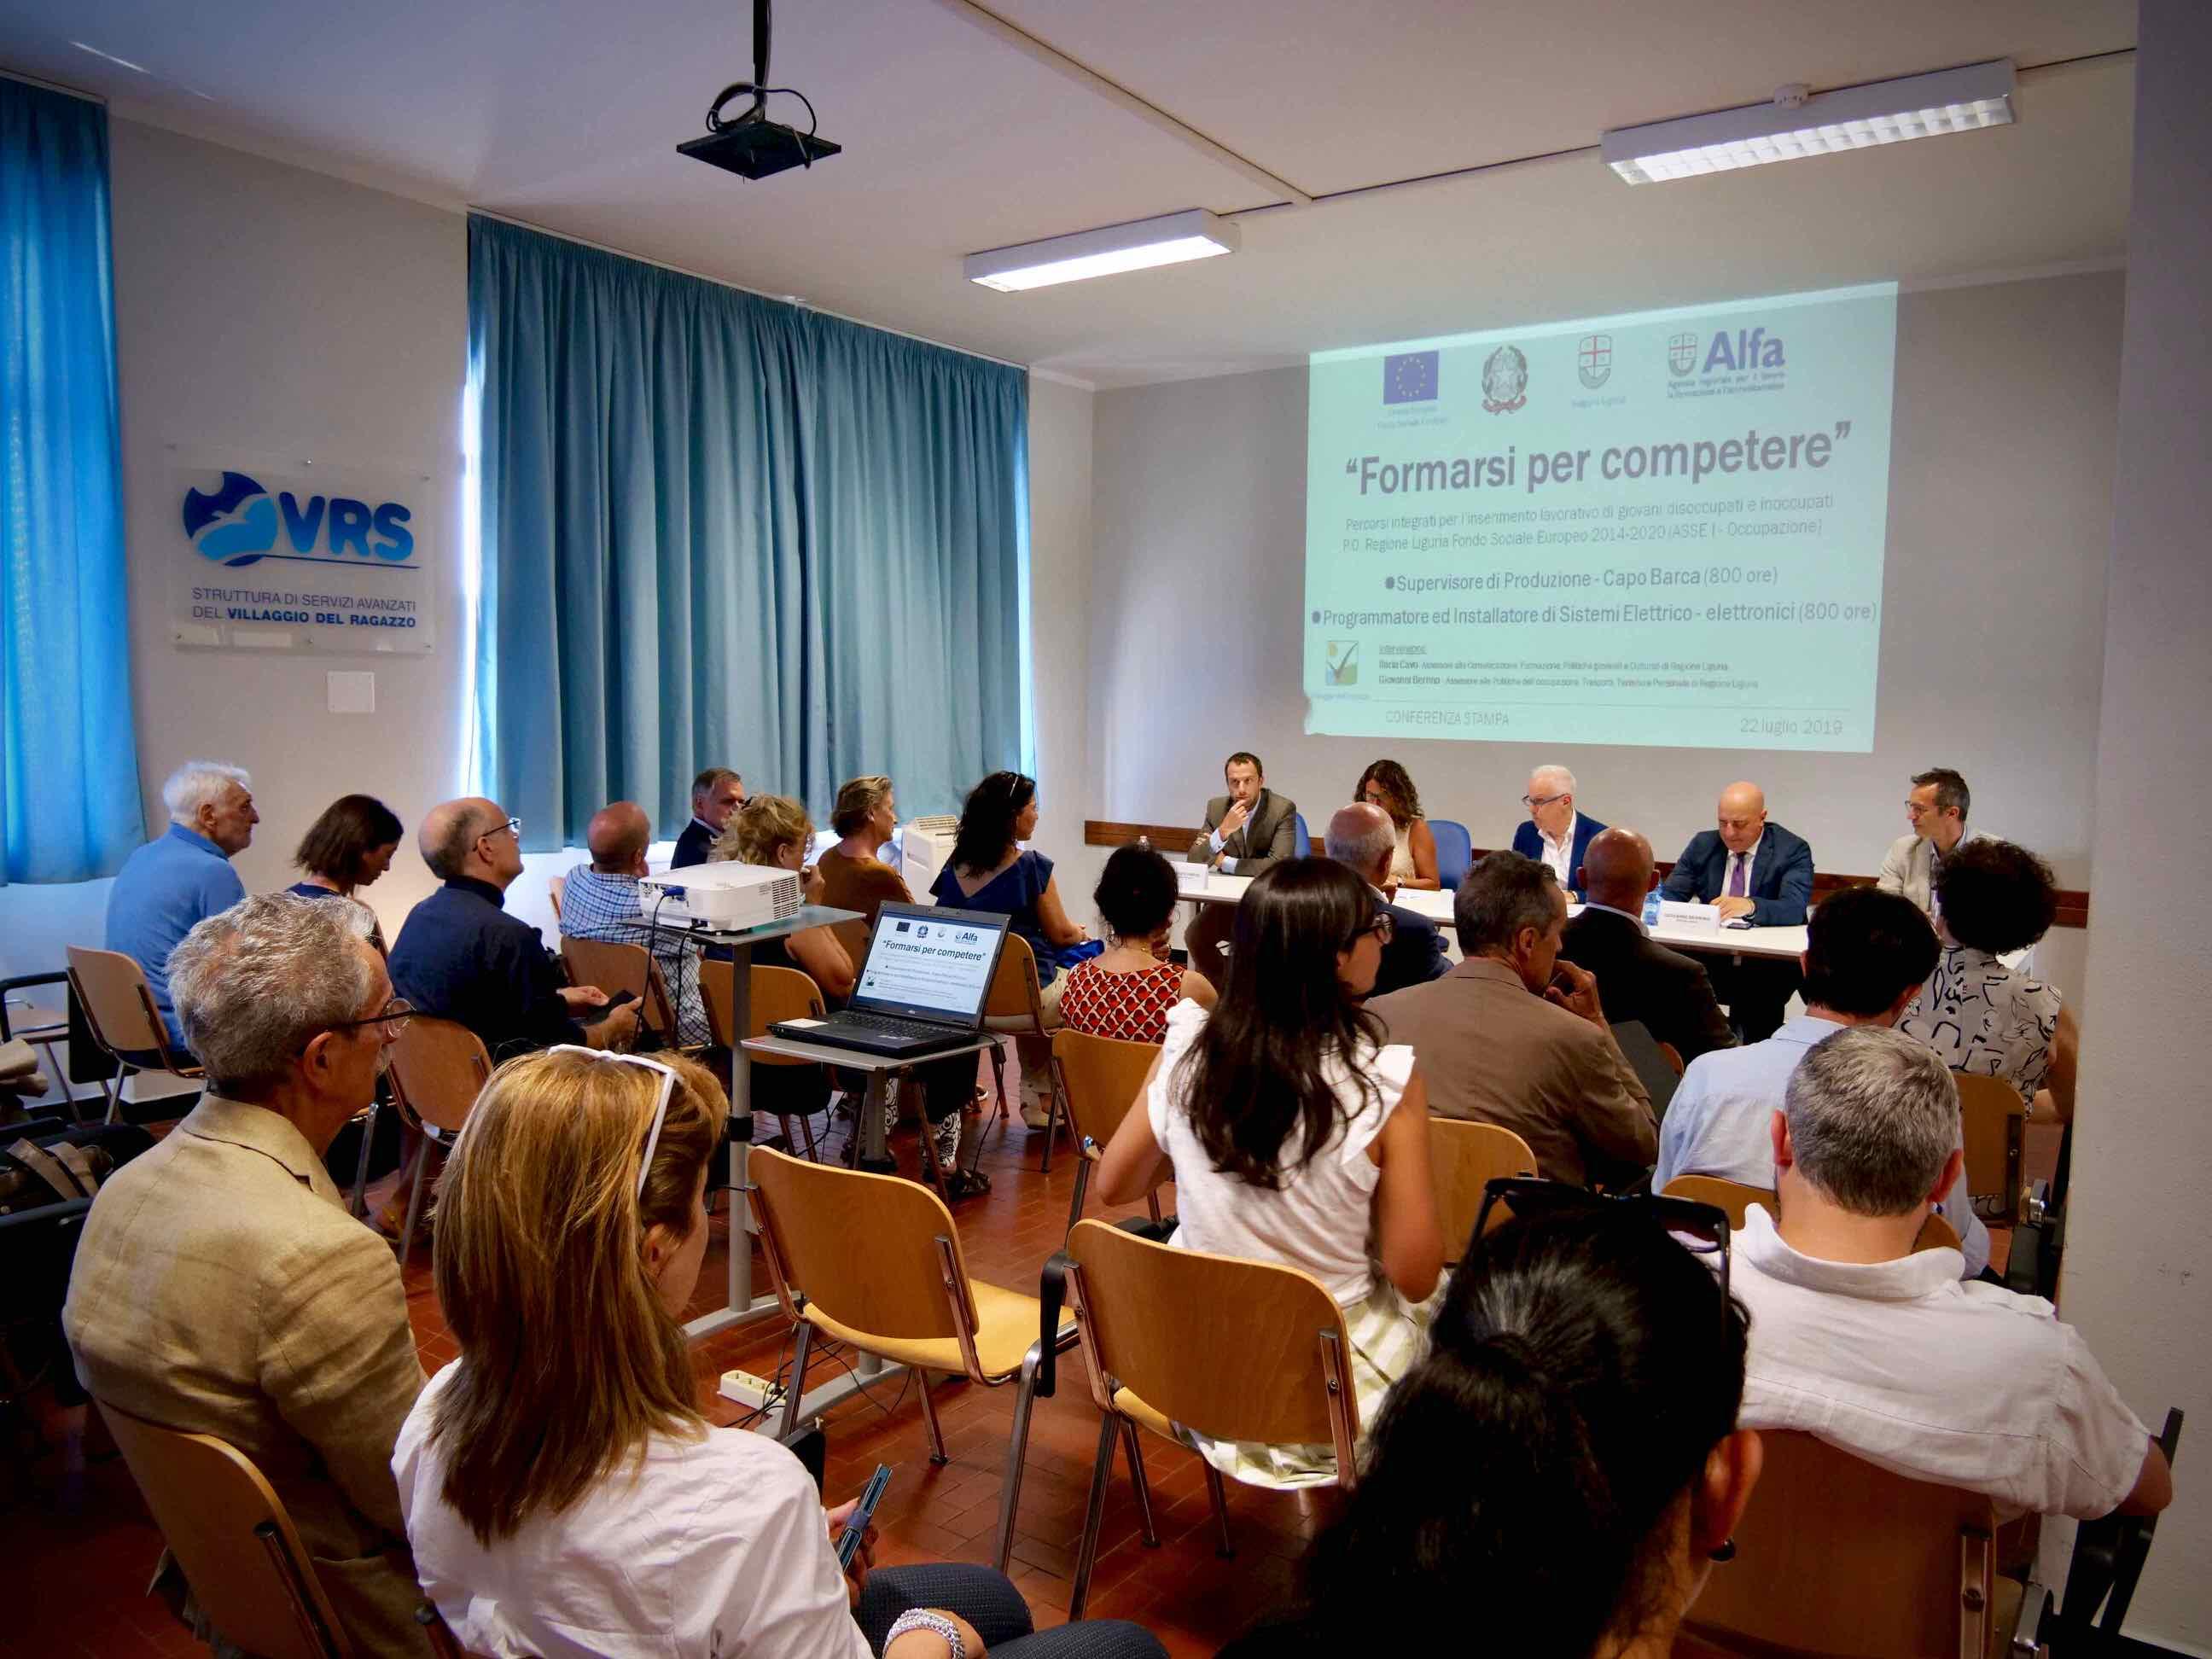 Conferenza Stampa presentazione Corsi Formarsi per Competere 2019.07.22 - 3